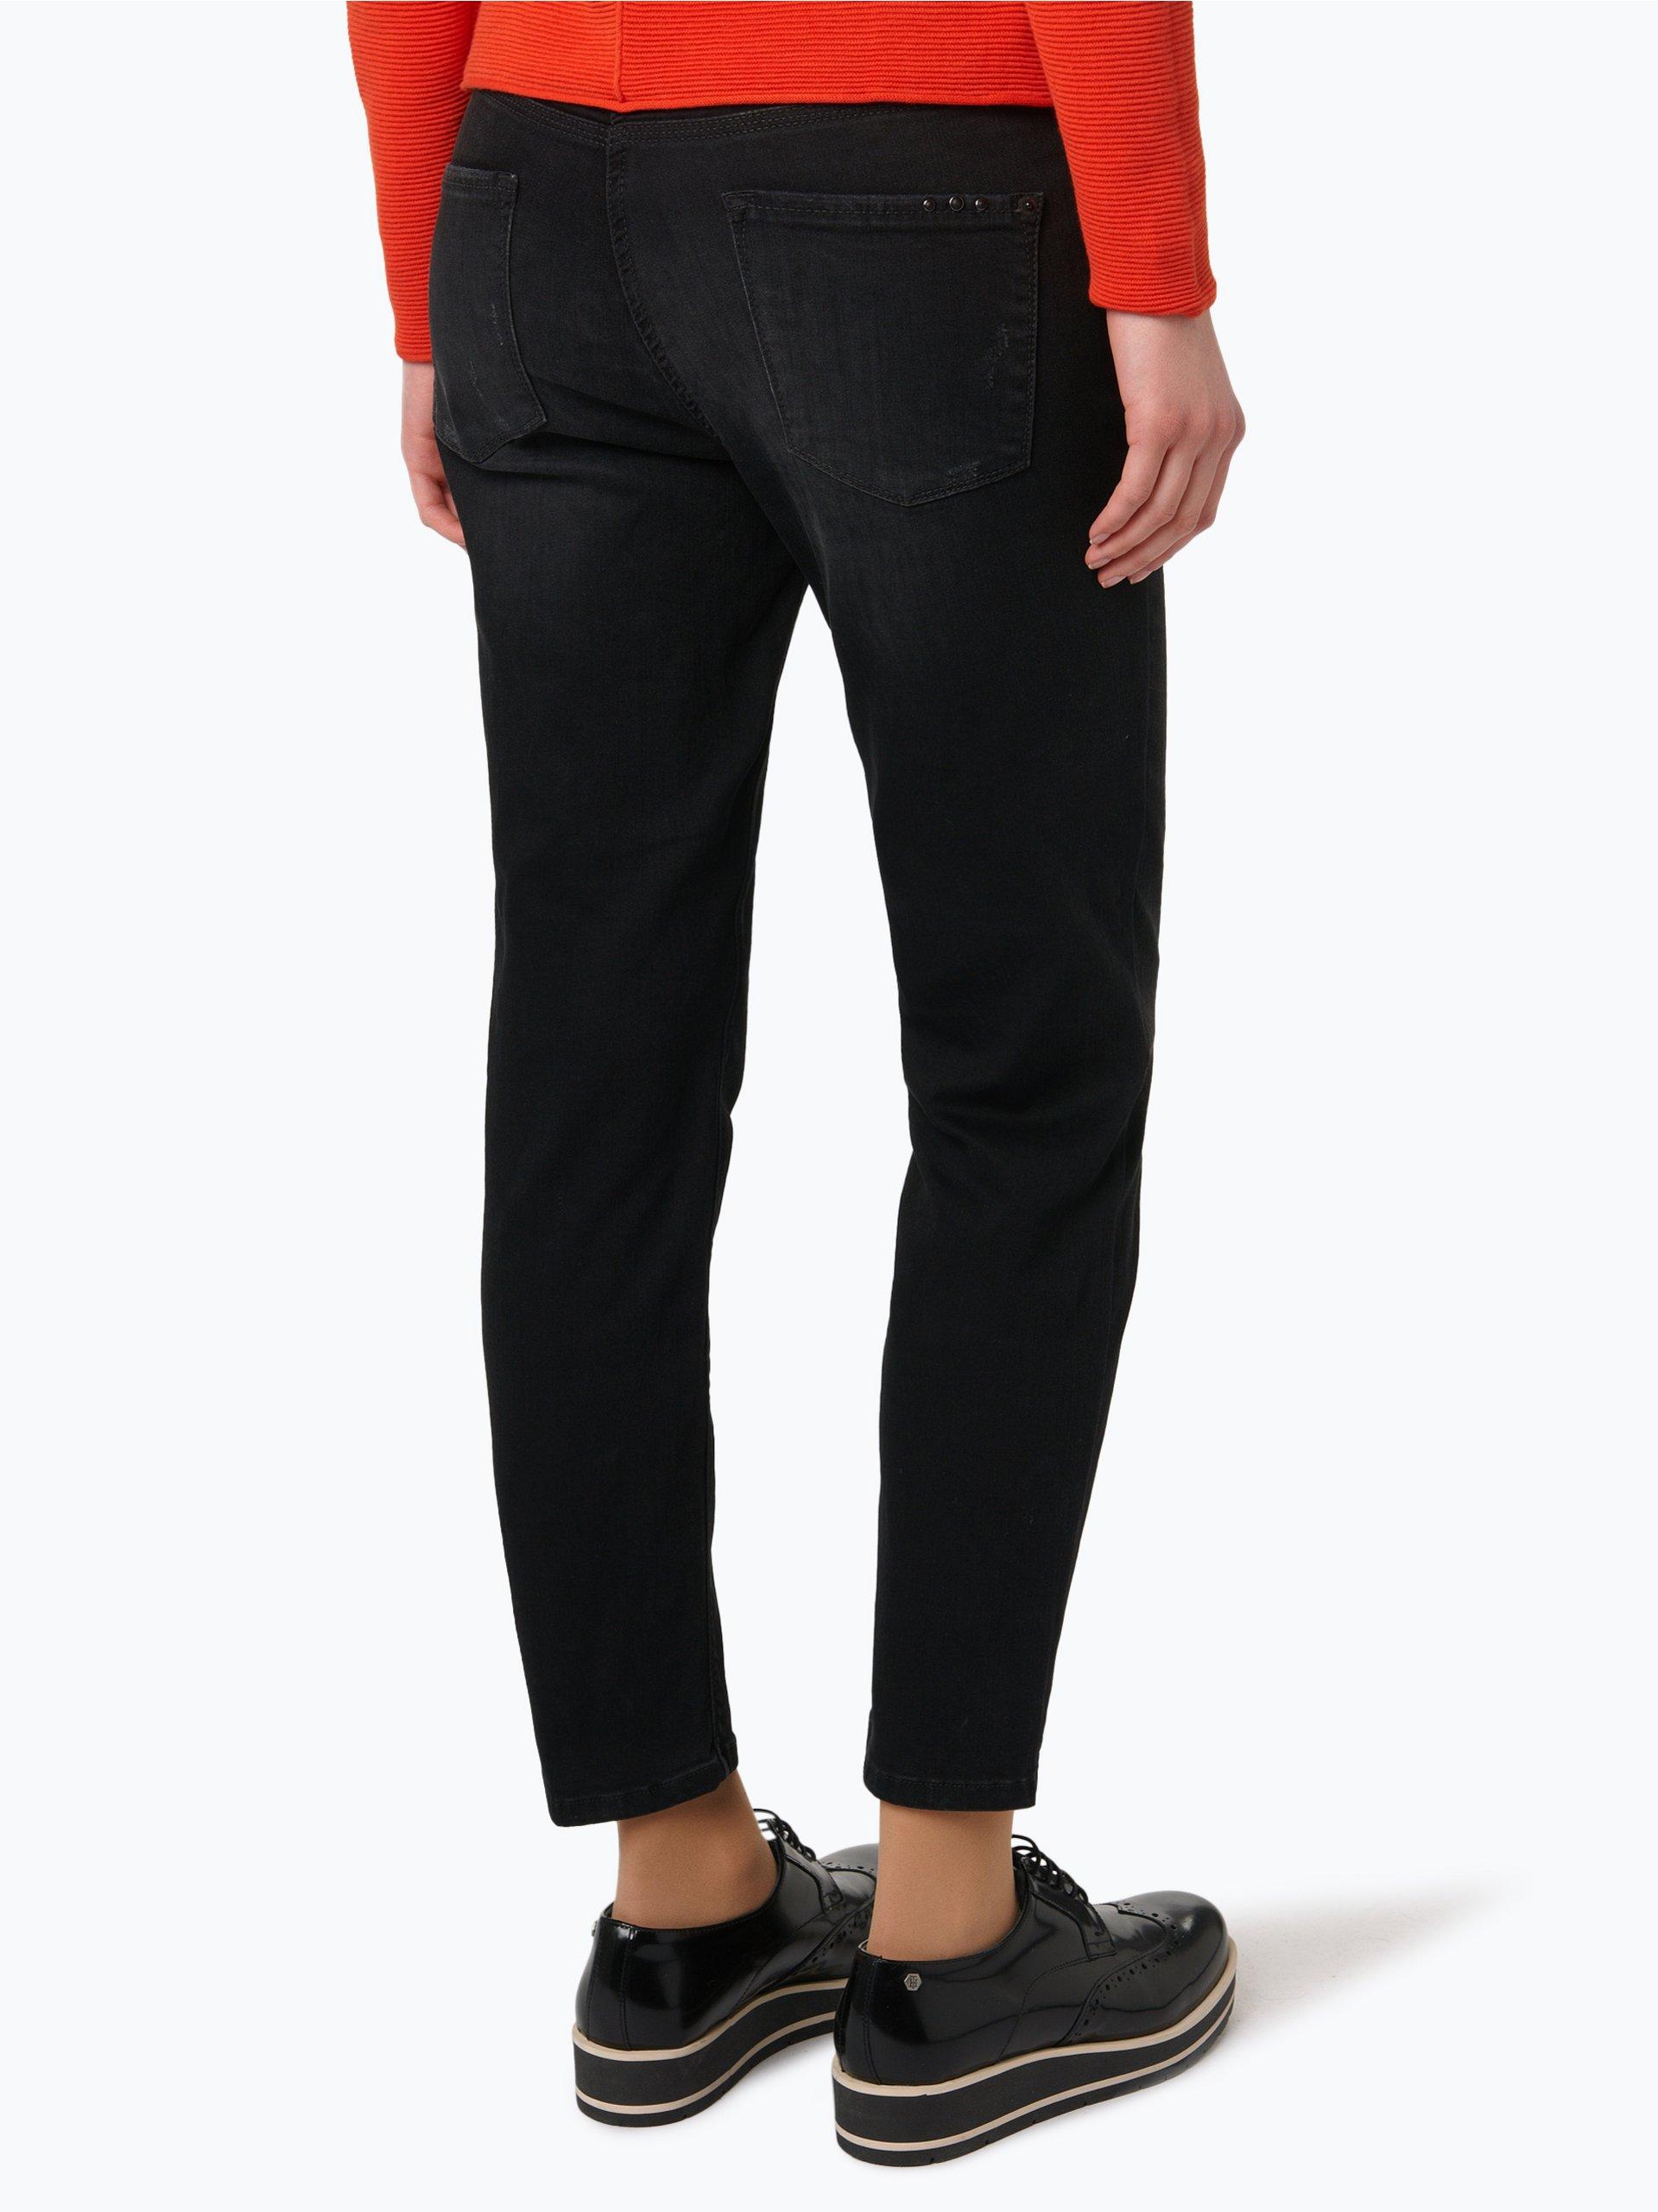 cambio damen jeans piper schwarz gemustert online kaufen vangraaf com. Black Bedroom Furniture Sets. Home Design Ideas